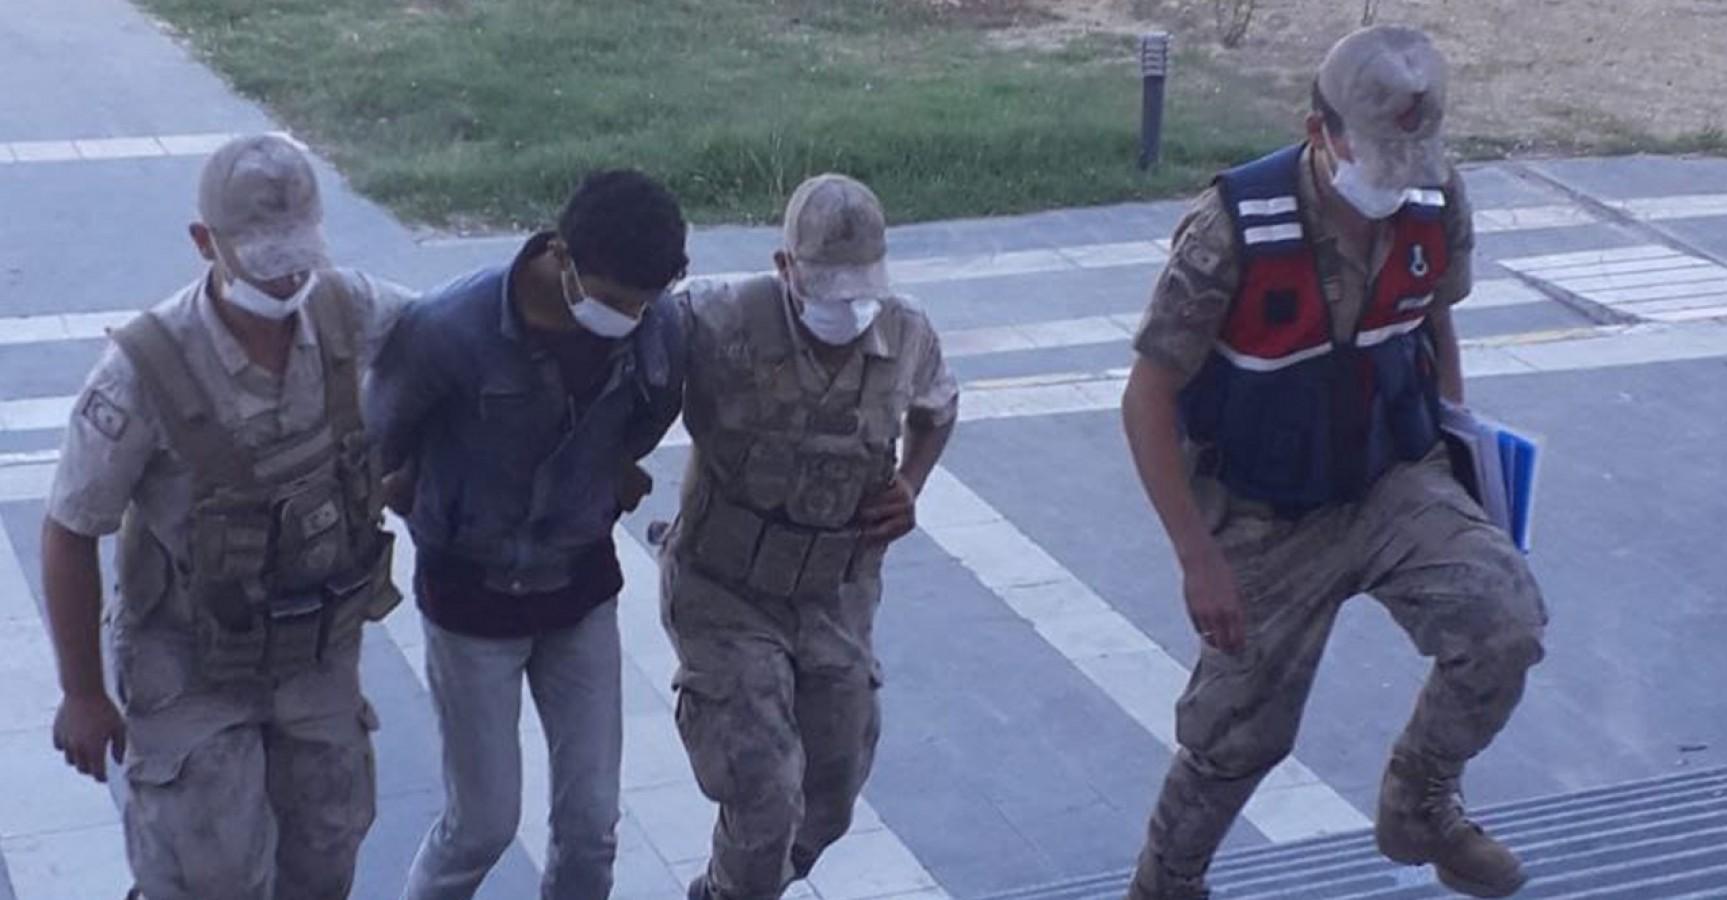 Viranşehir'de öldürülmüştü! Gizemli cinayeti JASAT çözdü